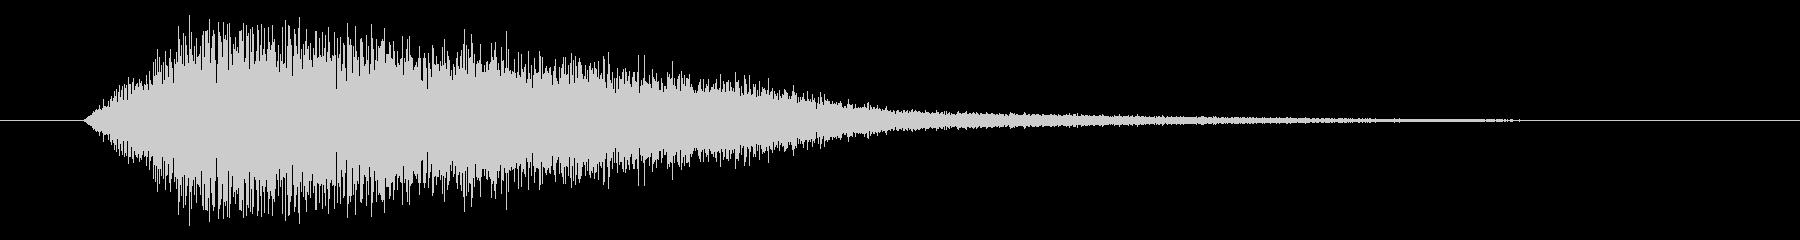 シュー↑/変化/調合の未再生の波形